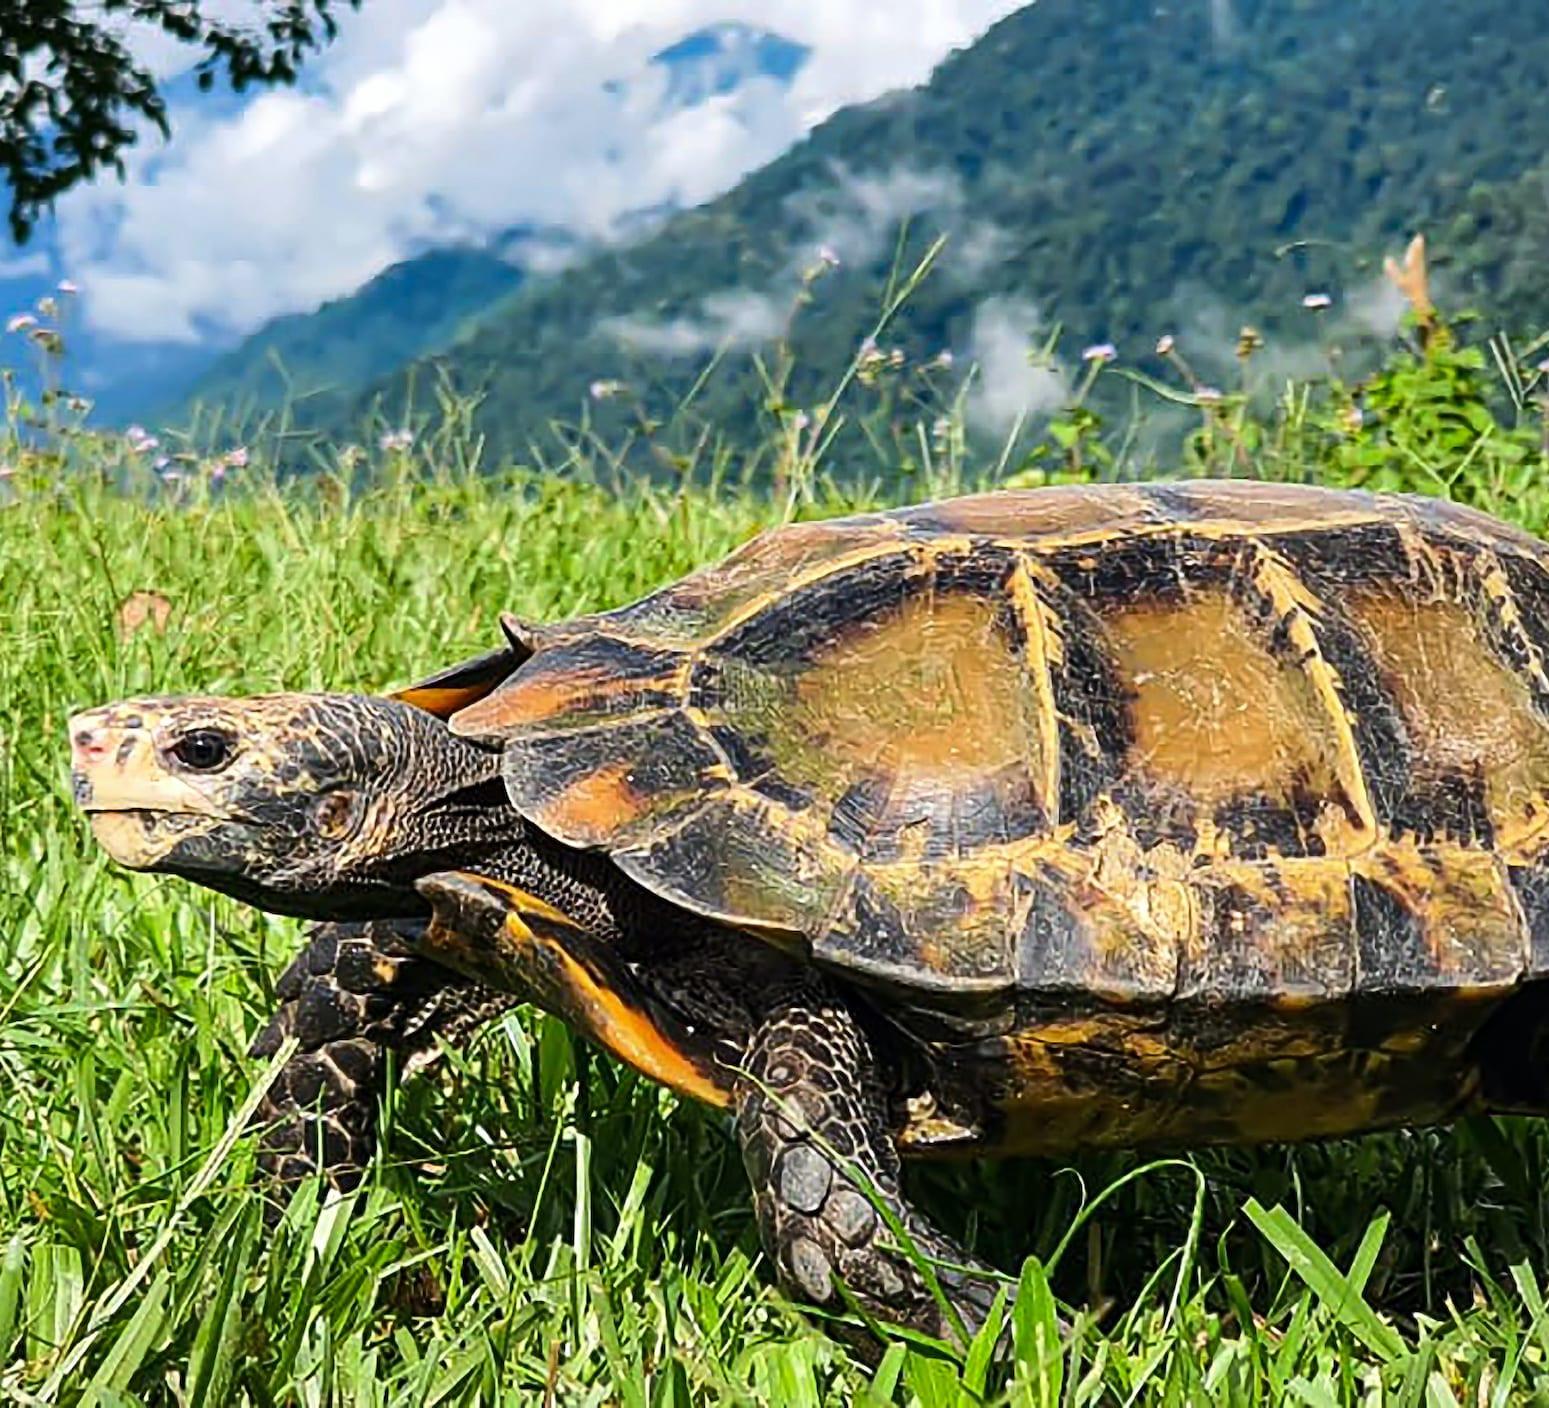 A Hidden Life: The Impressed Tortoise in Central Arunachal Pradesh